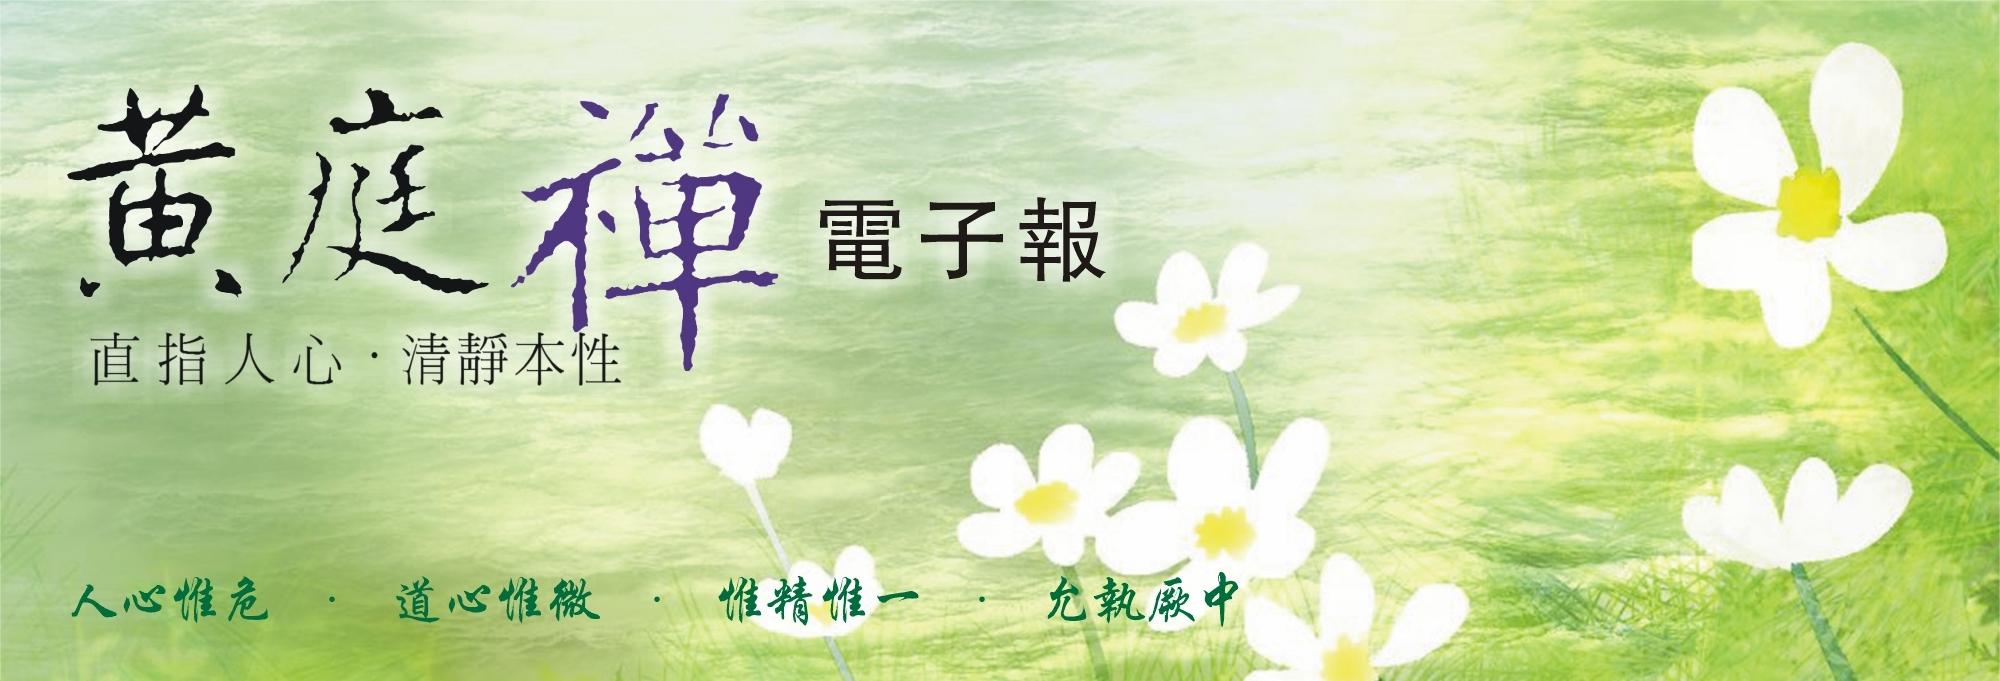 中華黃庭禪學會2017.06.11電子報